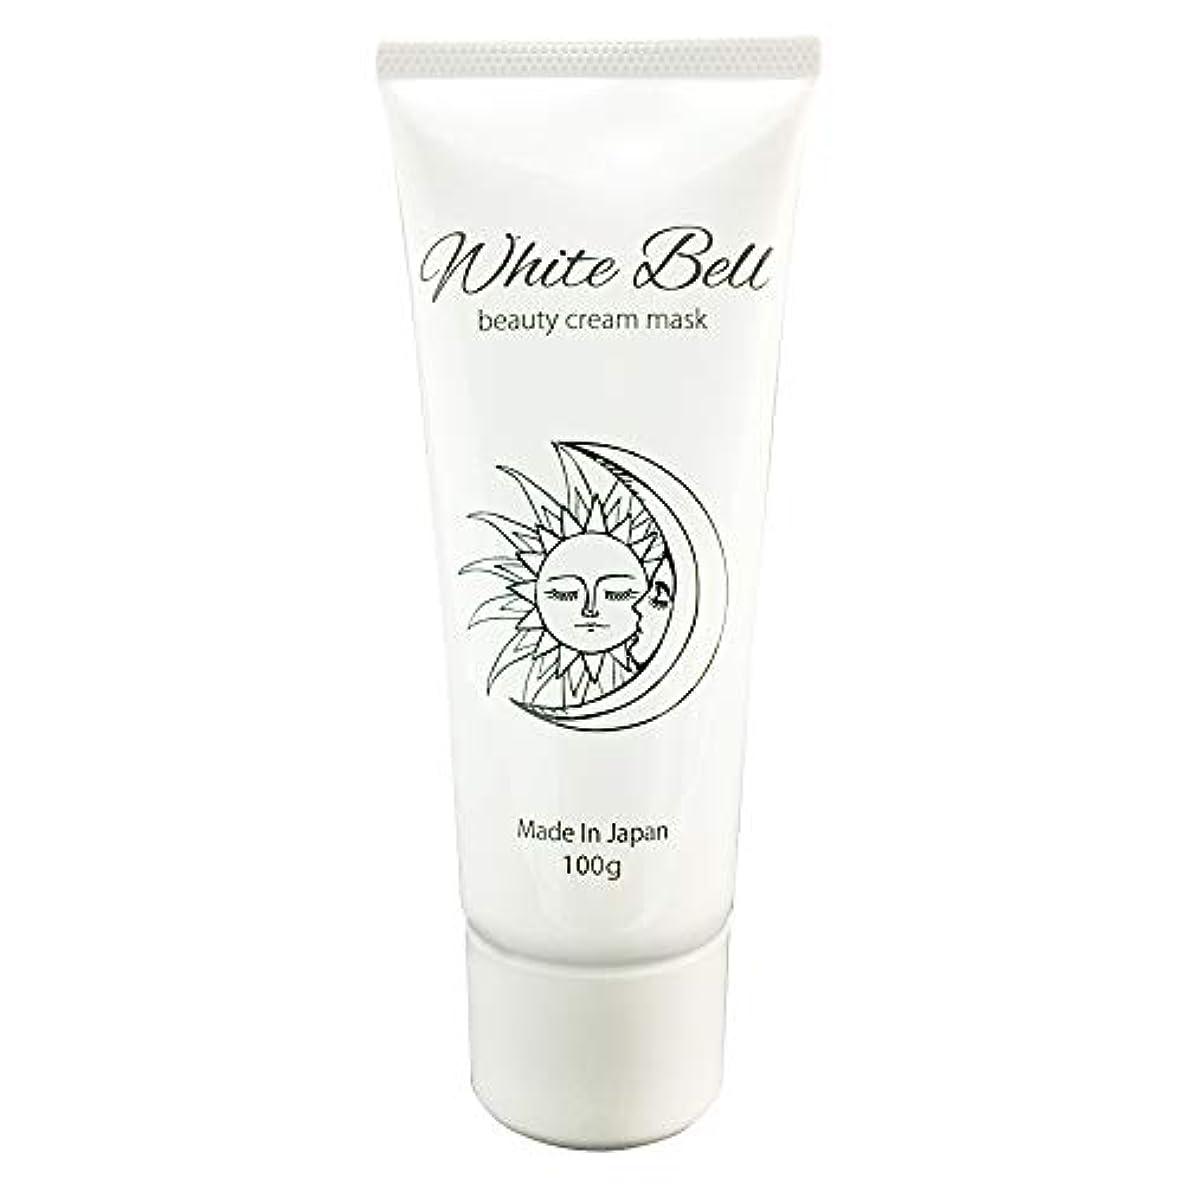 矢じり動作ウェブホワイトベル ビューティークリームマスク White-Bell beauty cream mask ナイトクリーム オールインワン